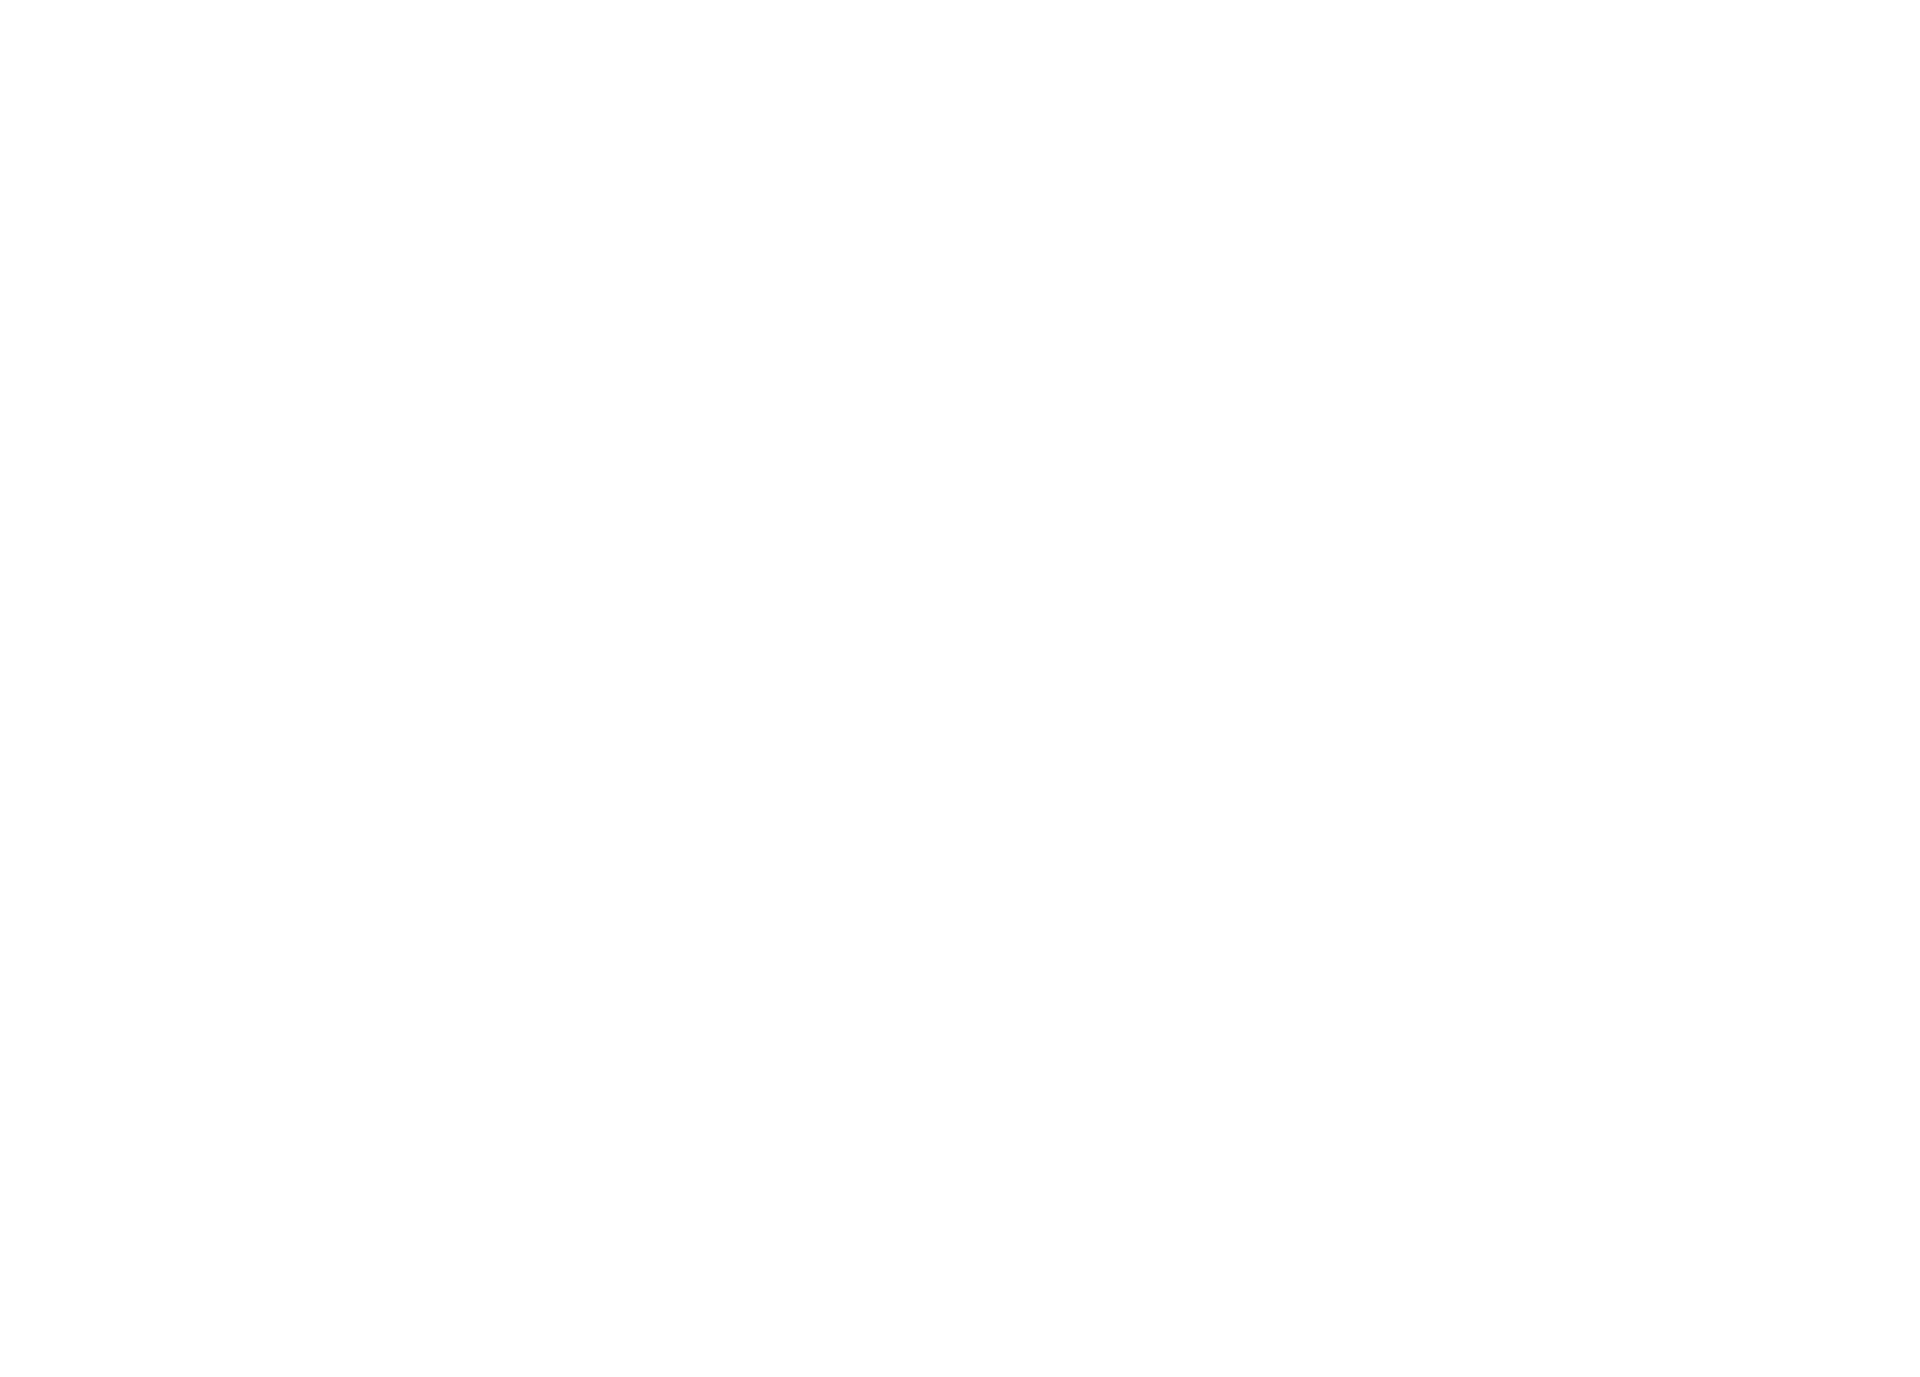 Battery 9+ hrs